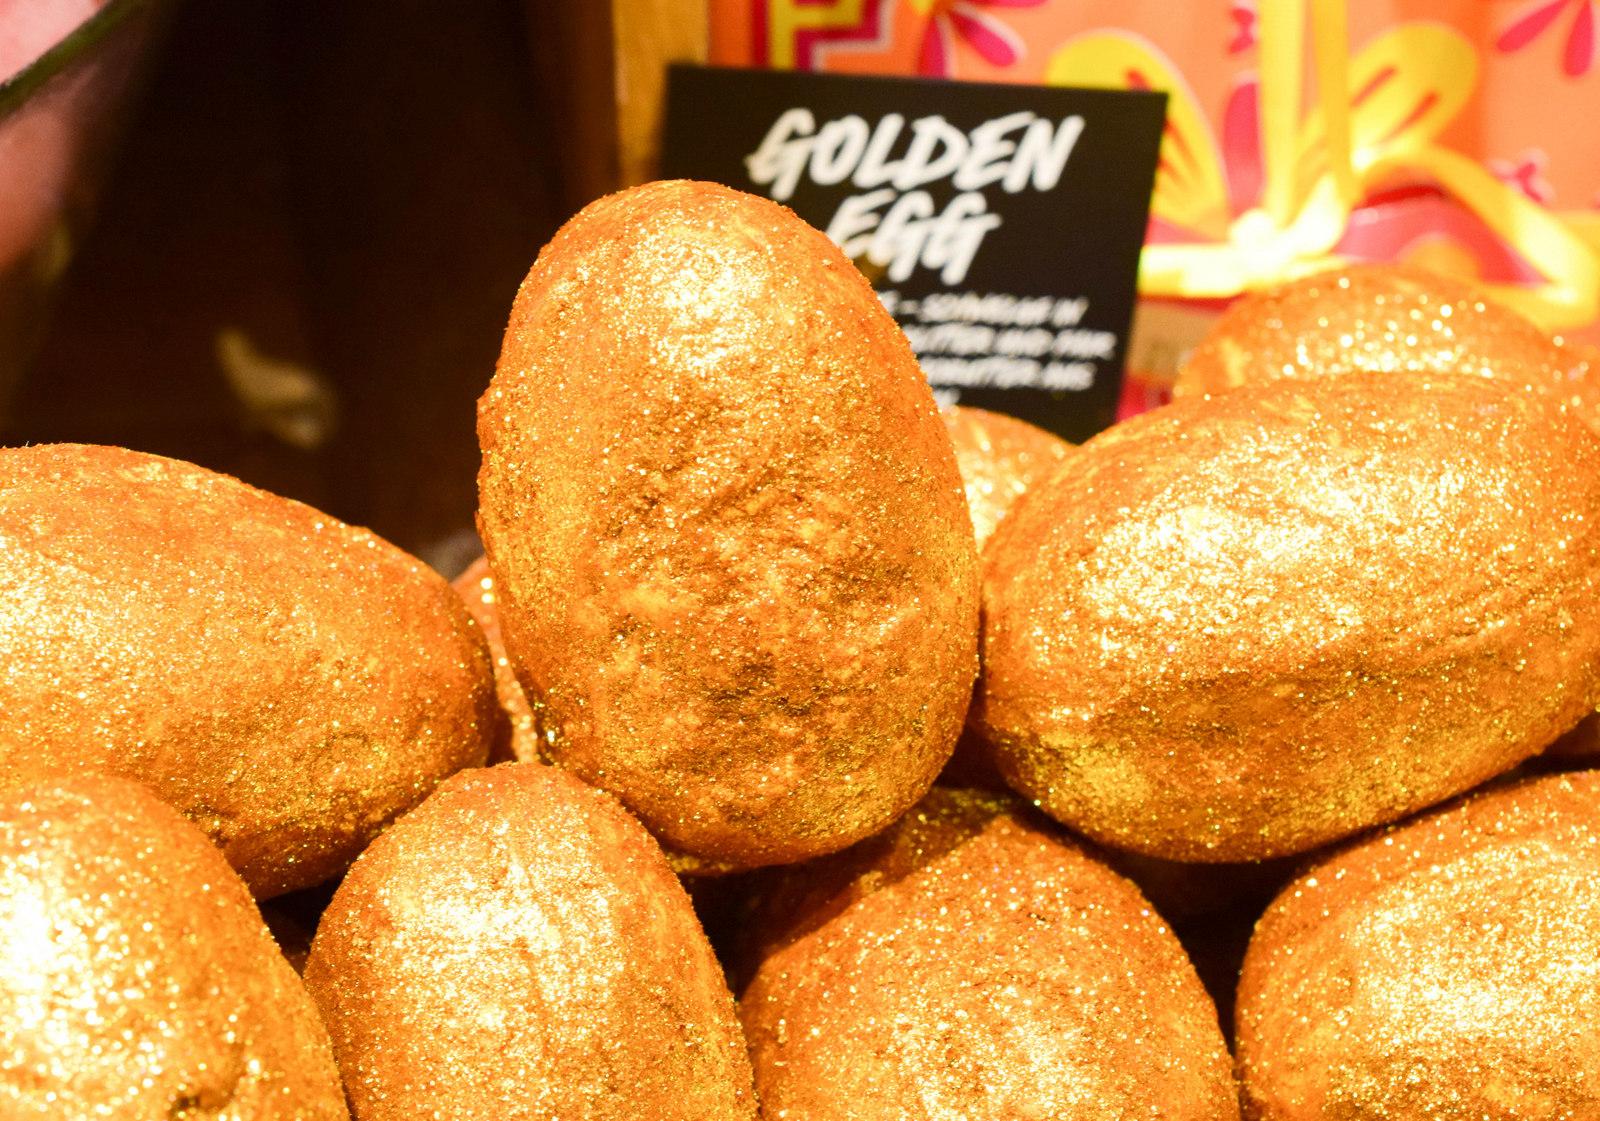 lush-ostern-2016-golden-egg-badekugel